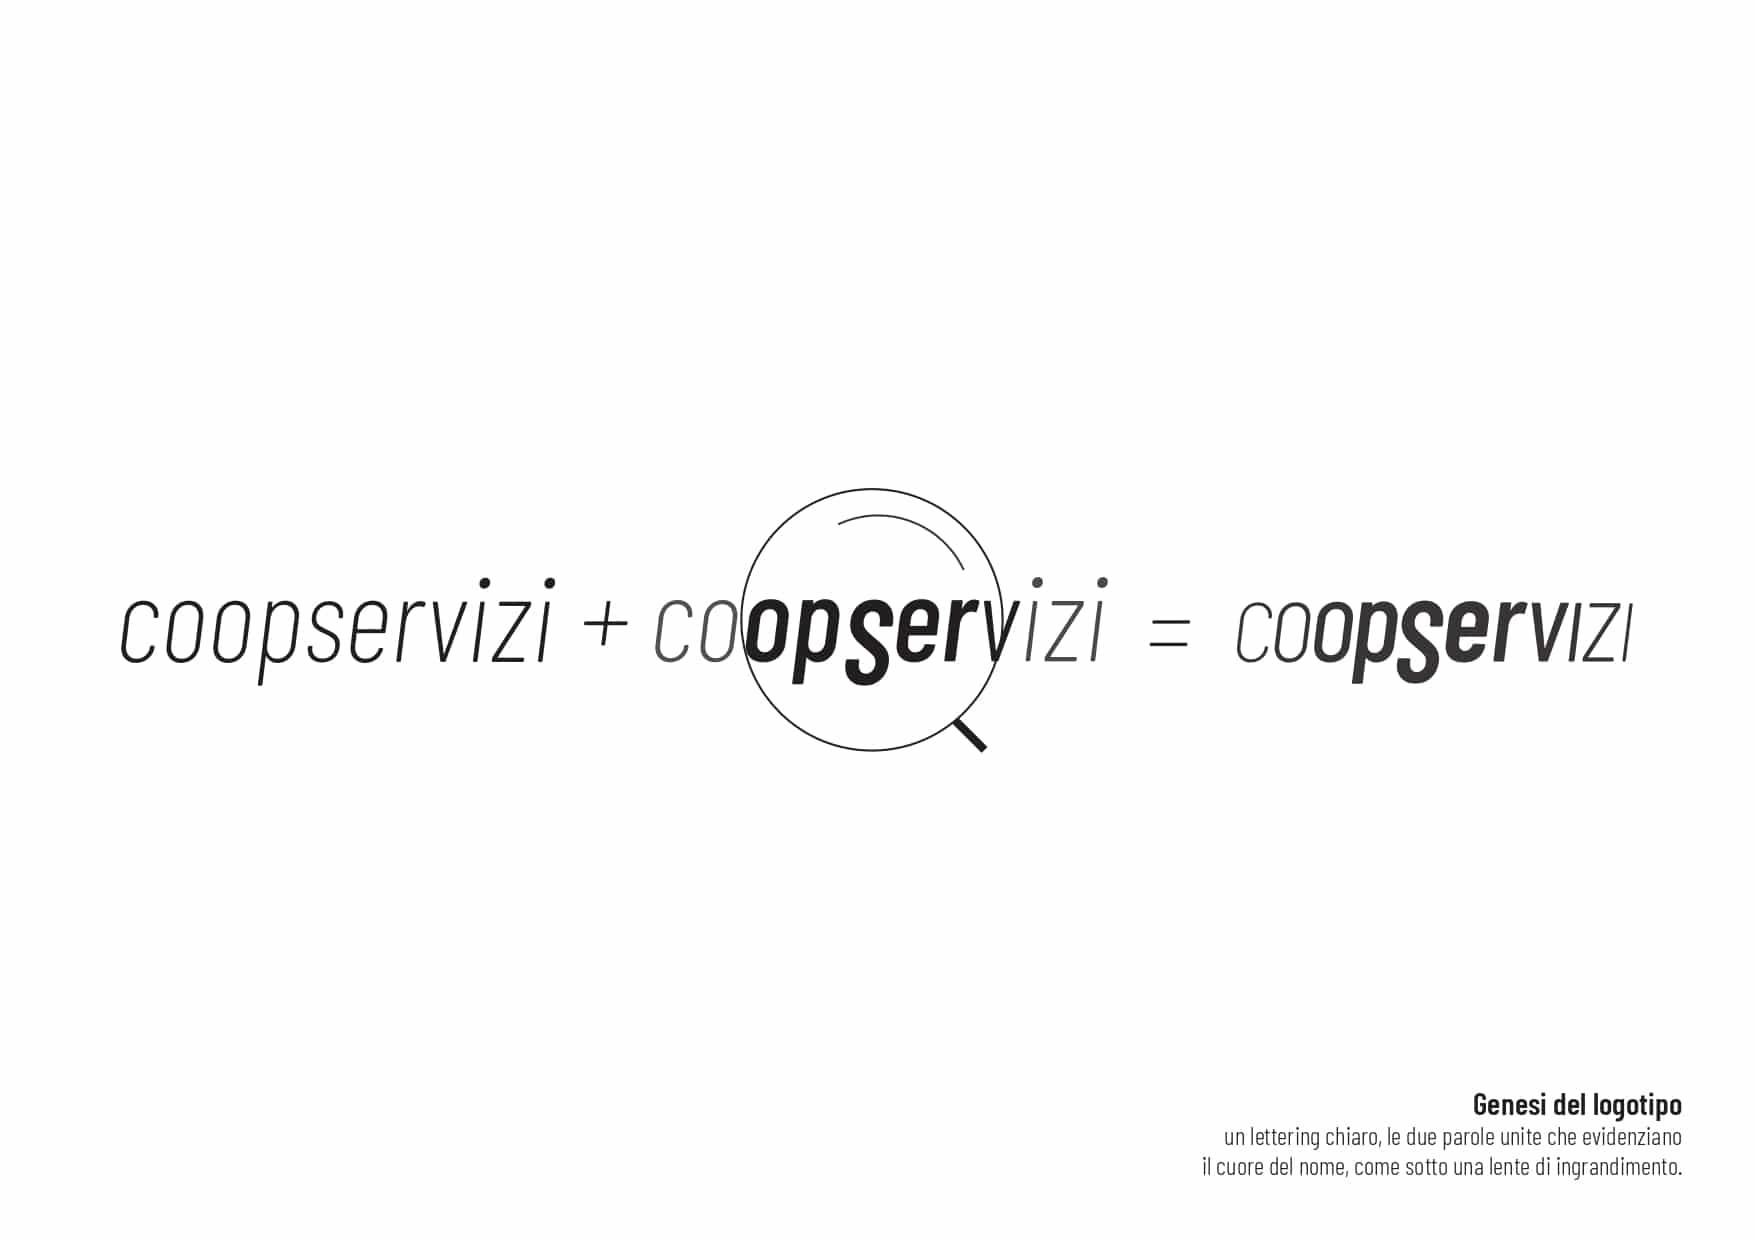 progetto-COOPSERVIZI-Emanuele Milanini_page-0005